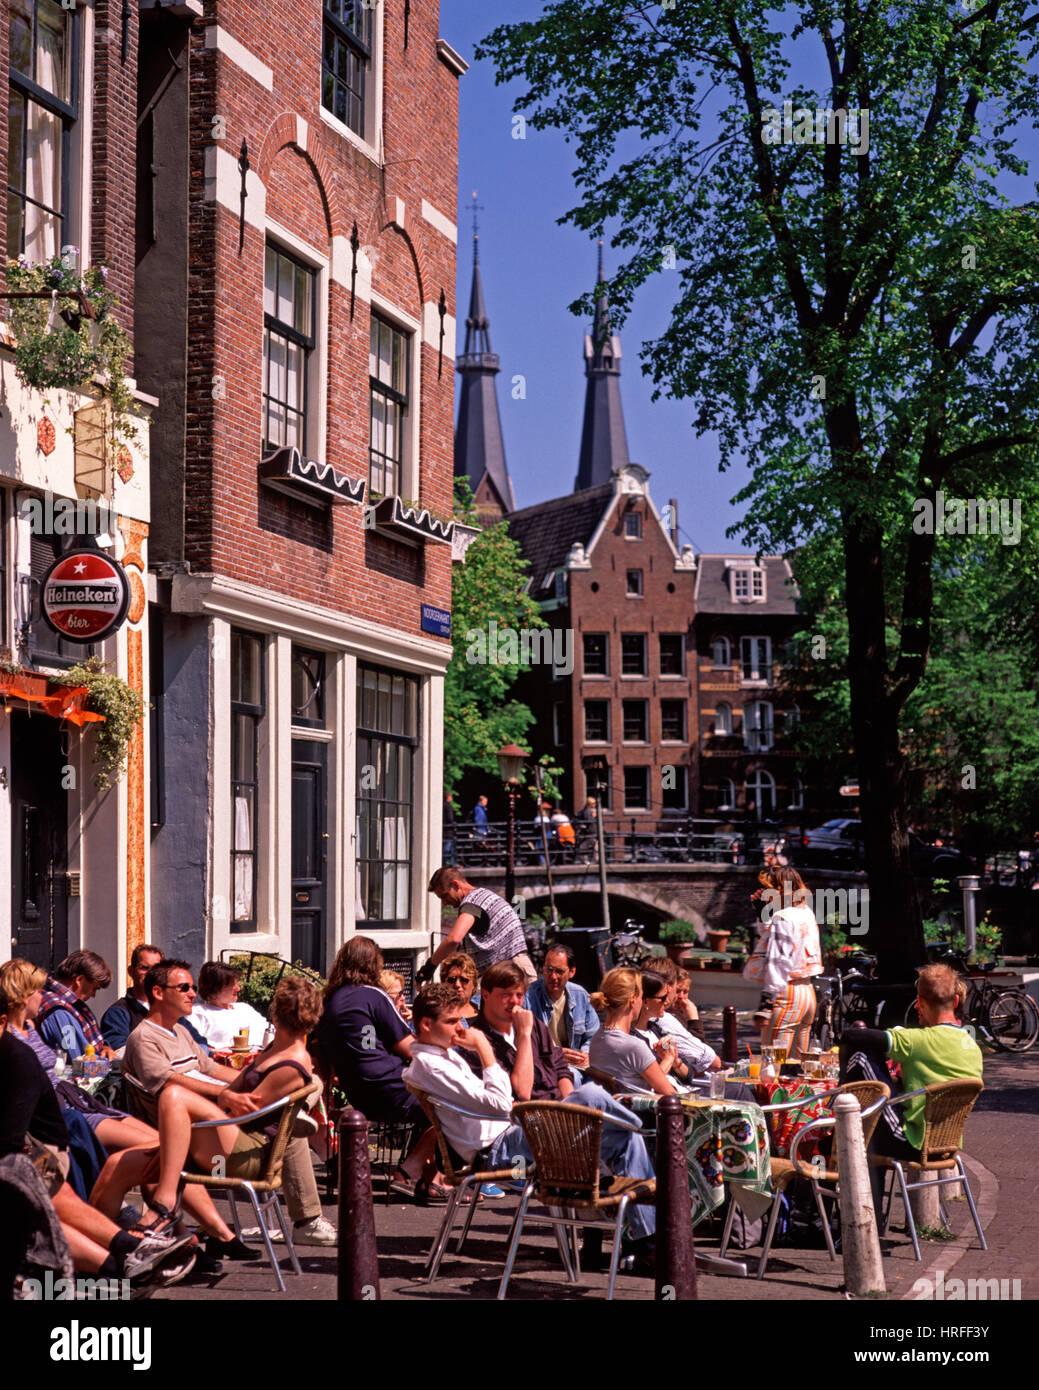 Cafe de la chaussée à Amsterdam, Hollande, Pays-Bas Photo Stock